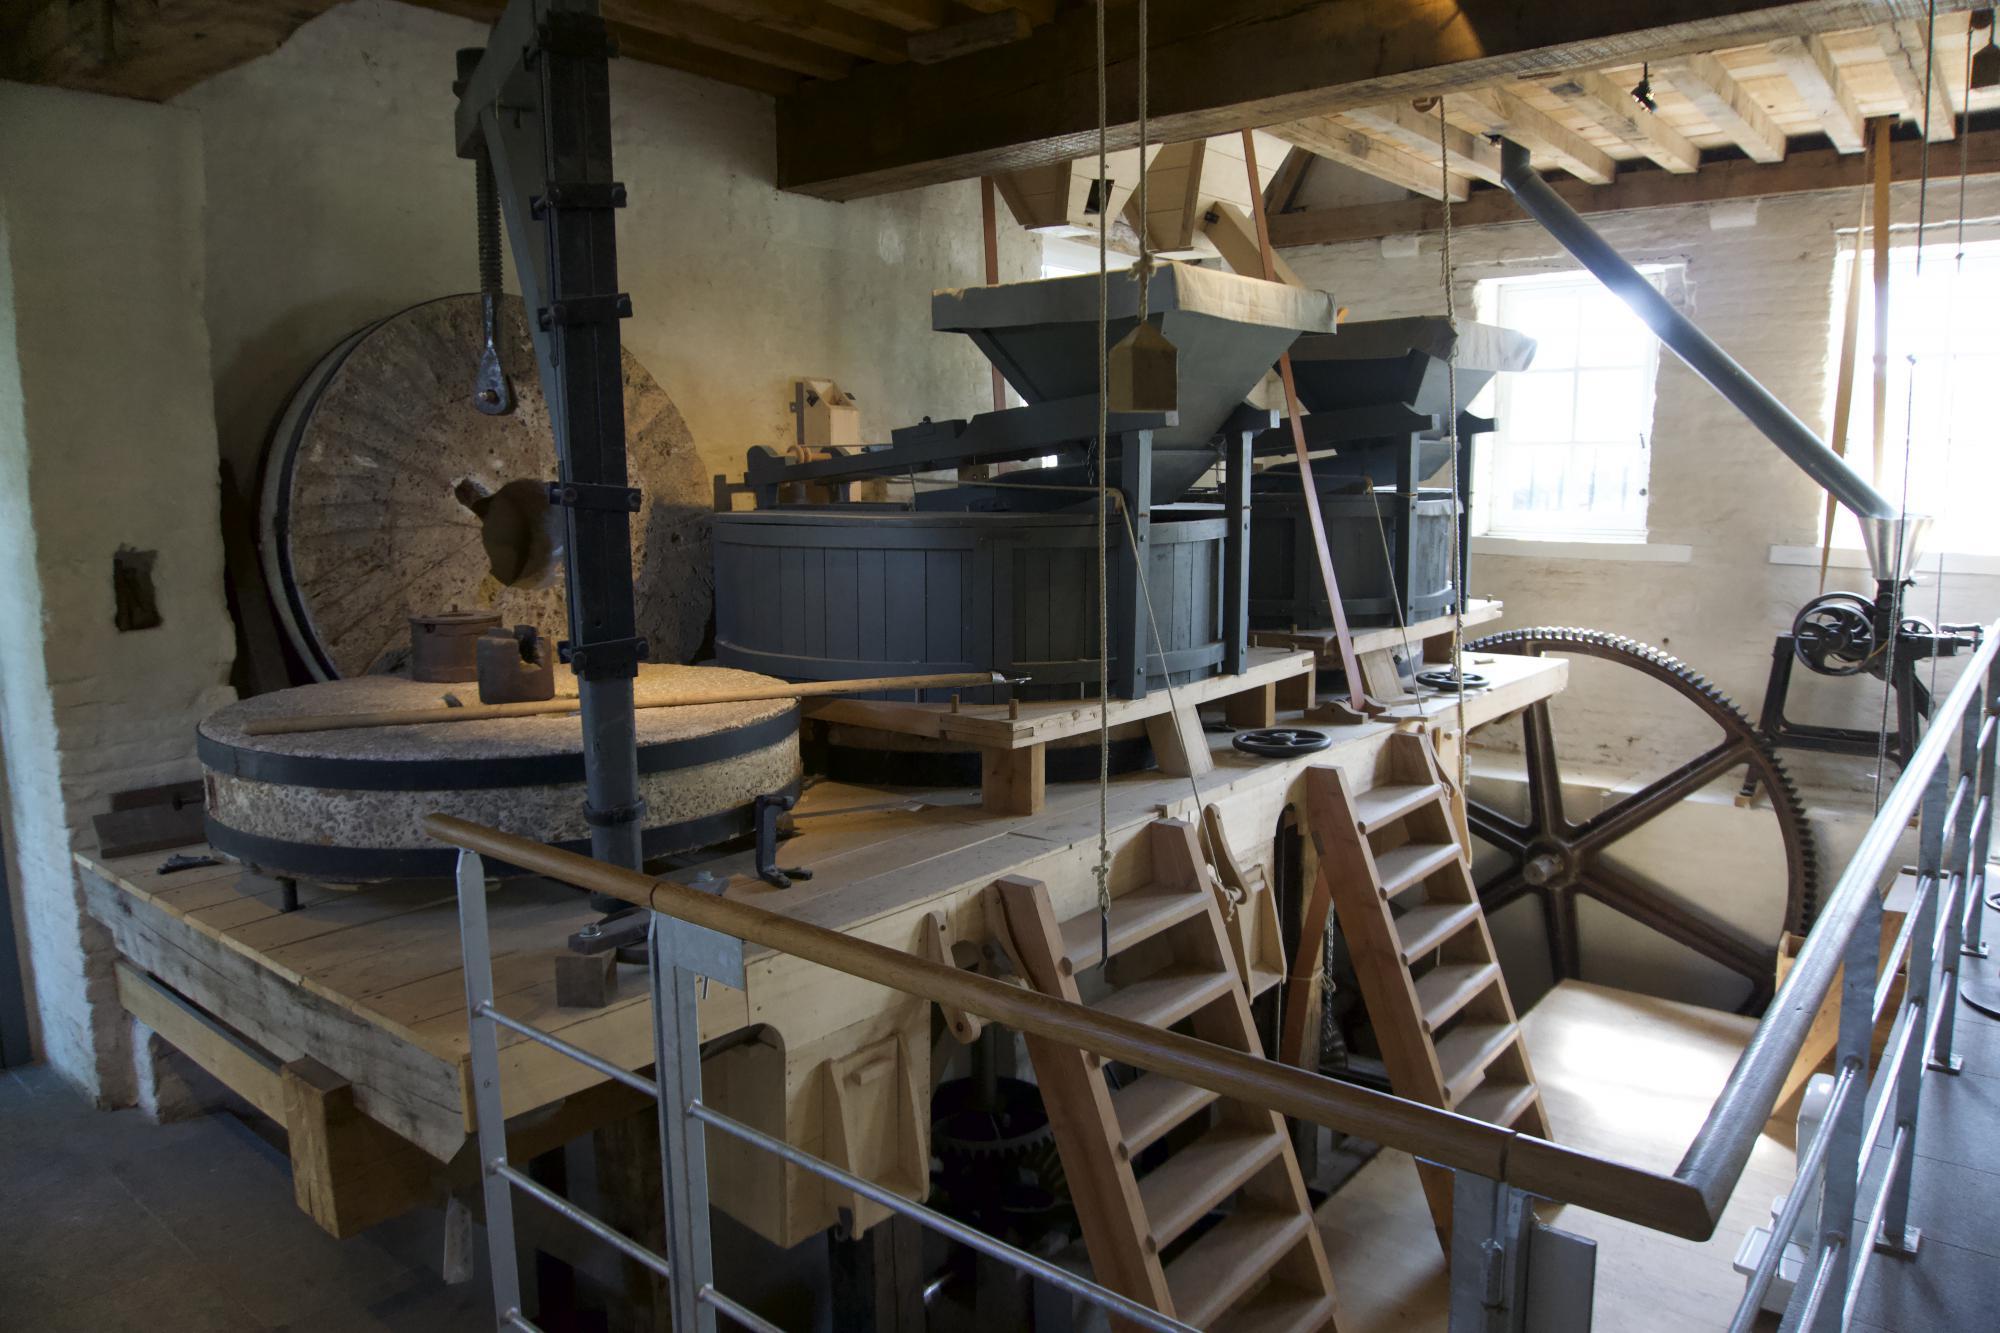 De brouwerij combineert oud en nieuw © Norbertijnen